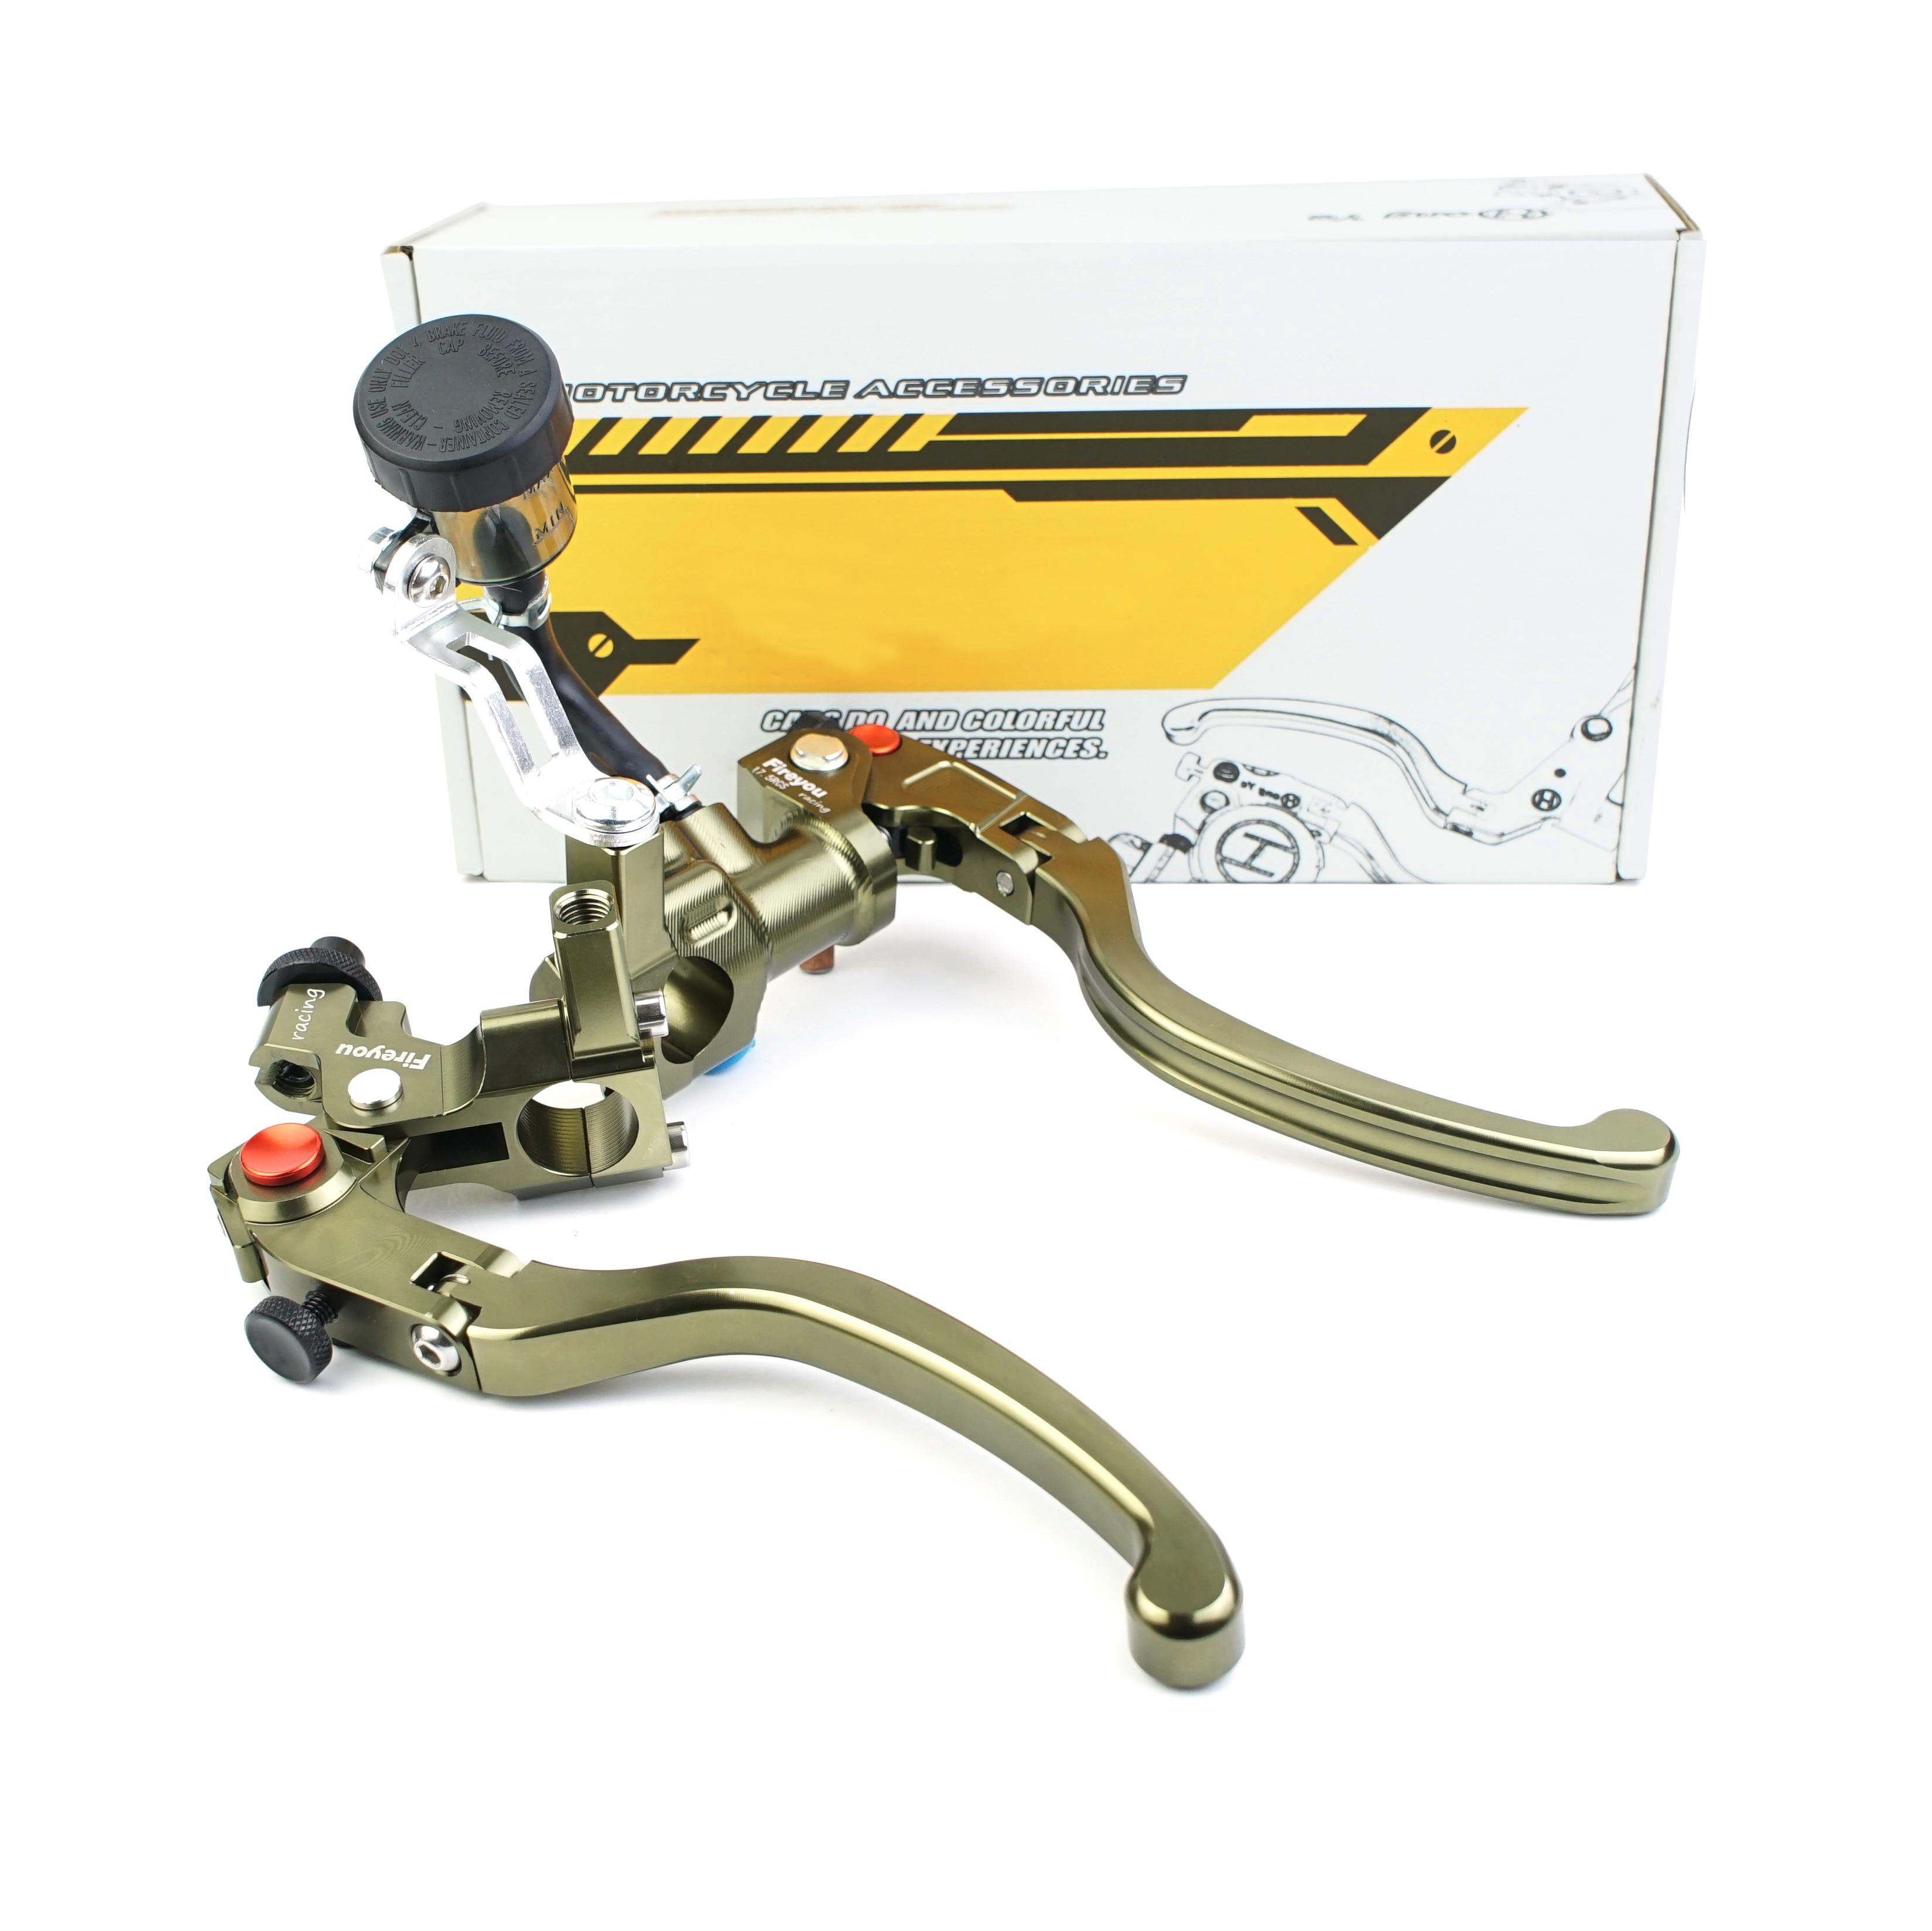 Складной рычаг тормоза для мотоцикла с радиальным креплением, кованый главный цилиндр 17.5rcs, ручка сцепления для Кафе Racer Nanja 400R